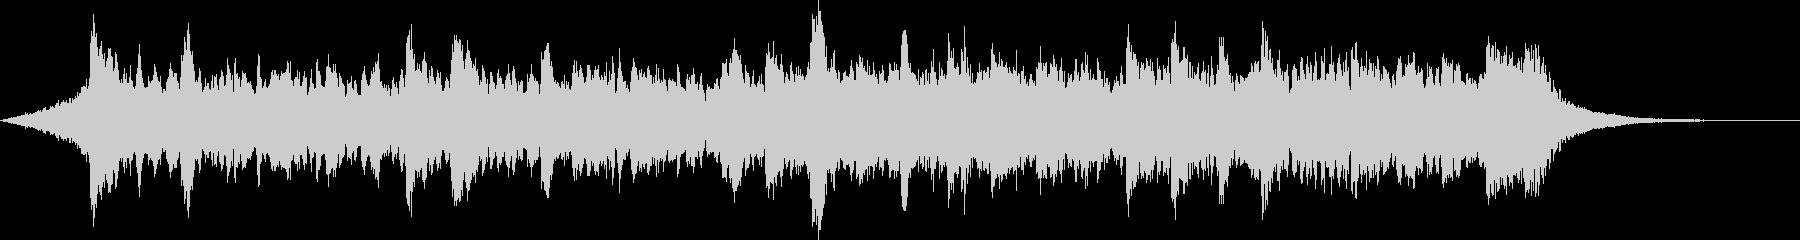 企業VP映像、175オーケストラ、爽快Sの未再生の波形